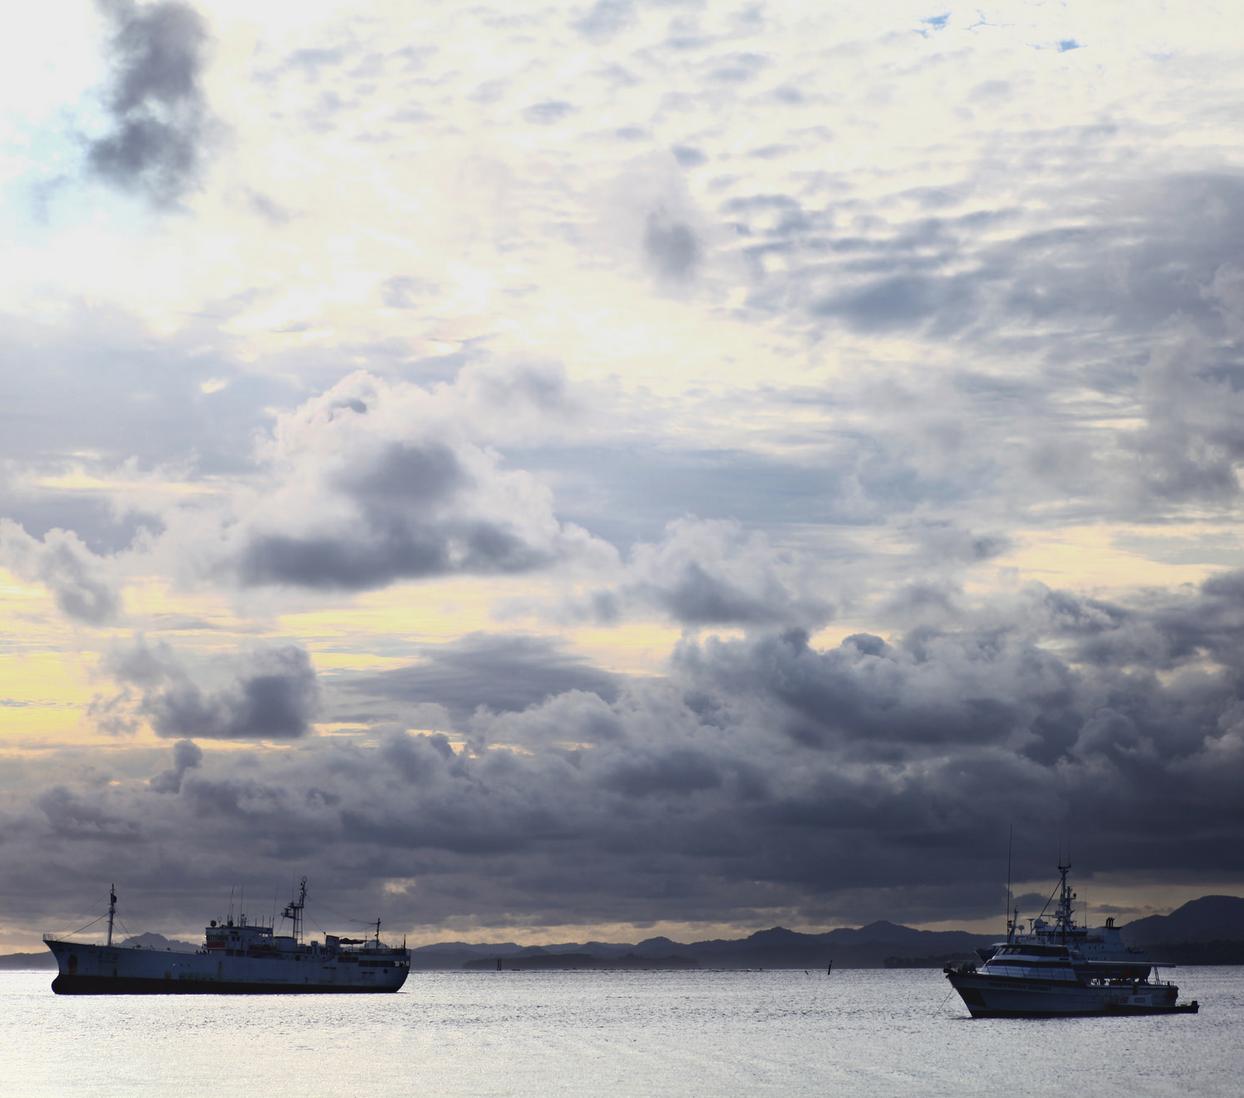 Boats in harbor in Suva, Fiji